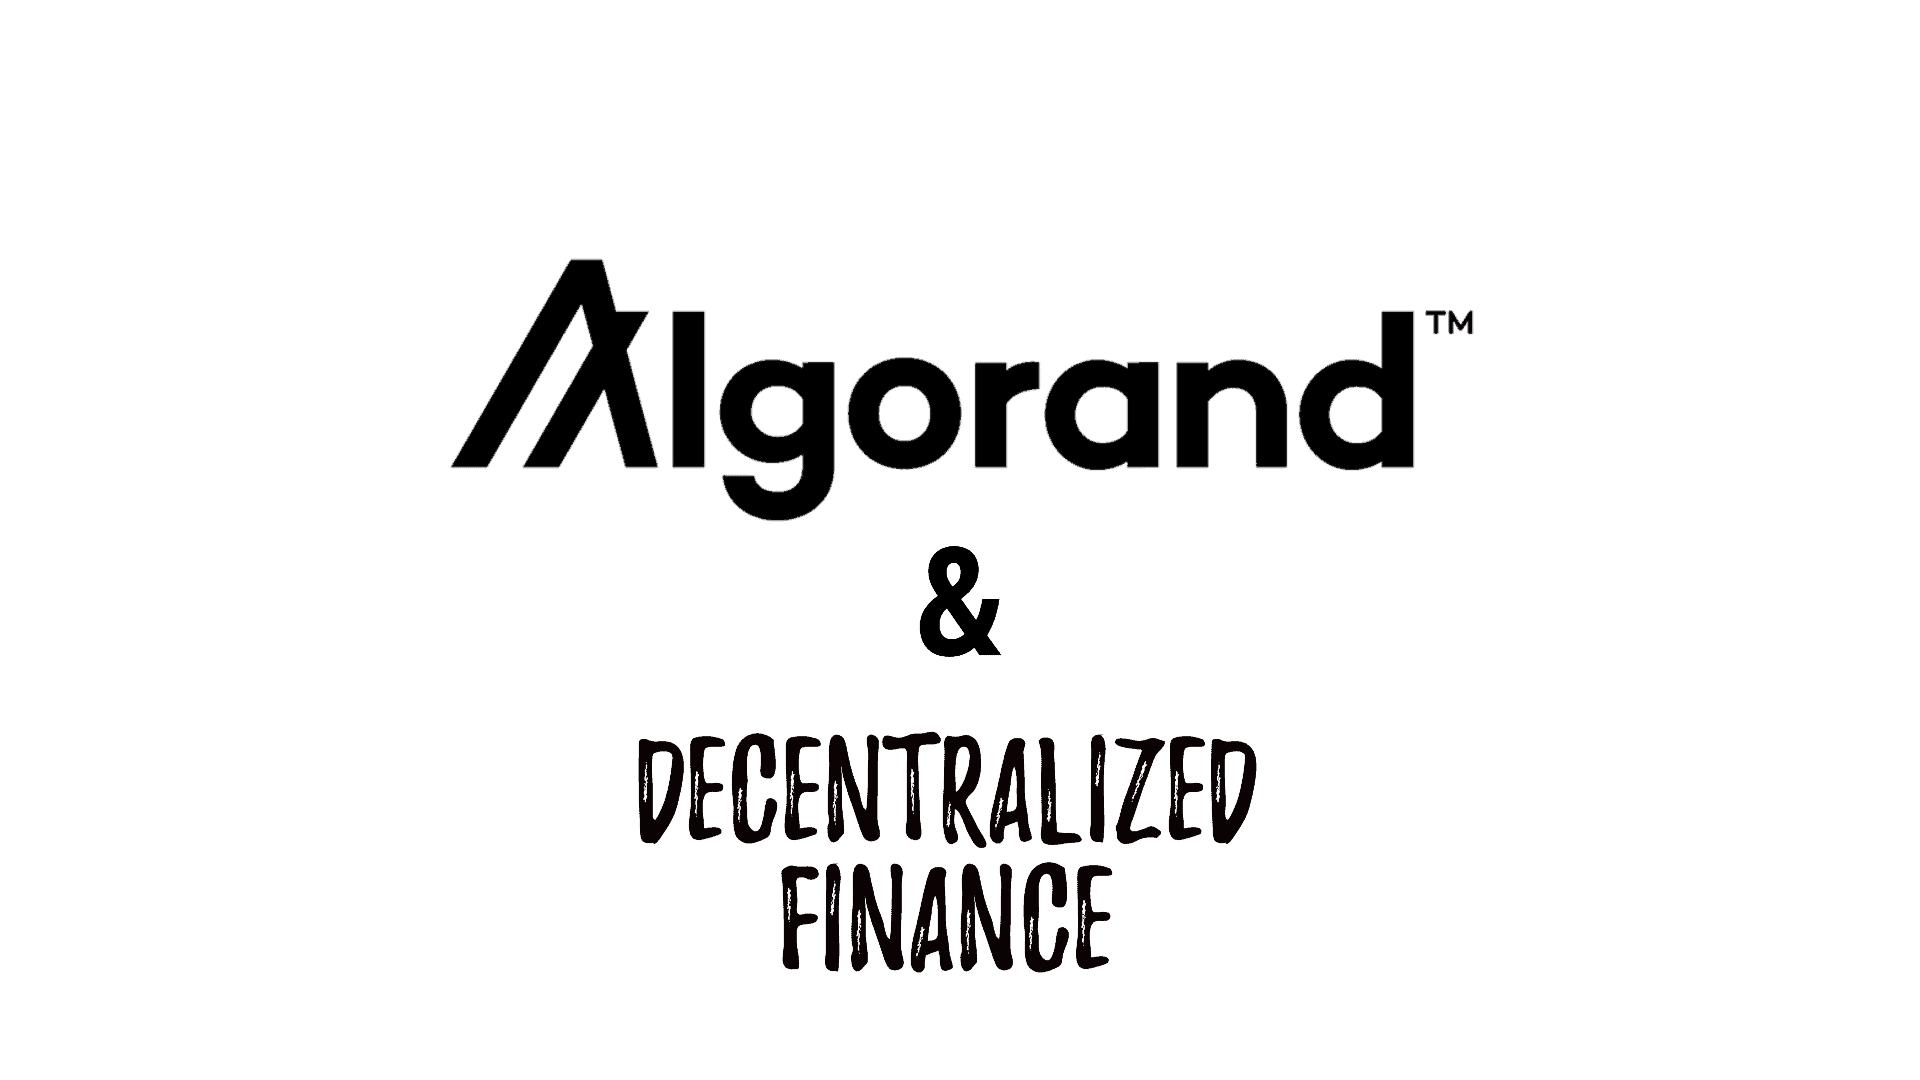 algorand decentralized finance